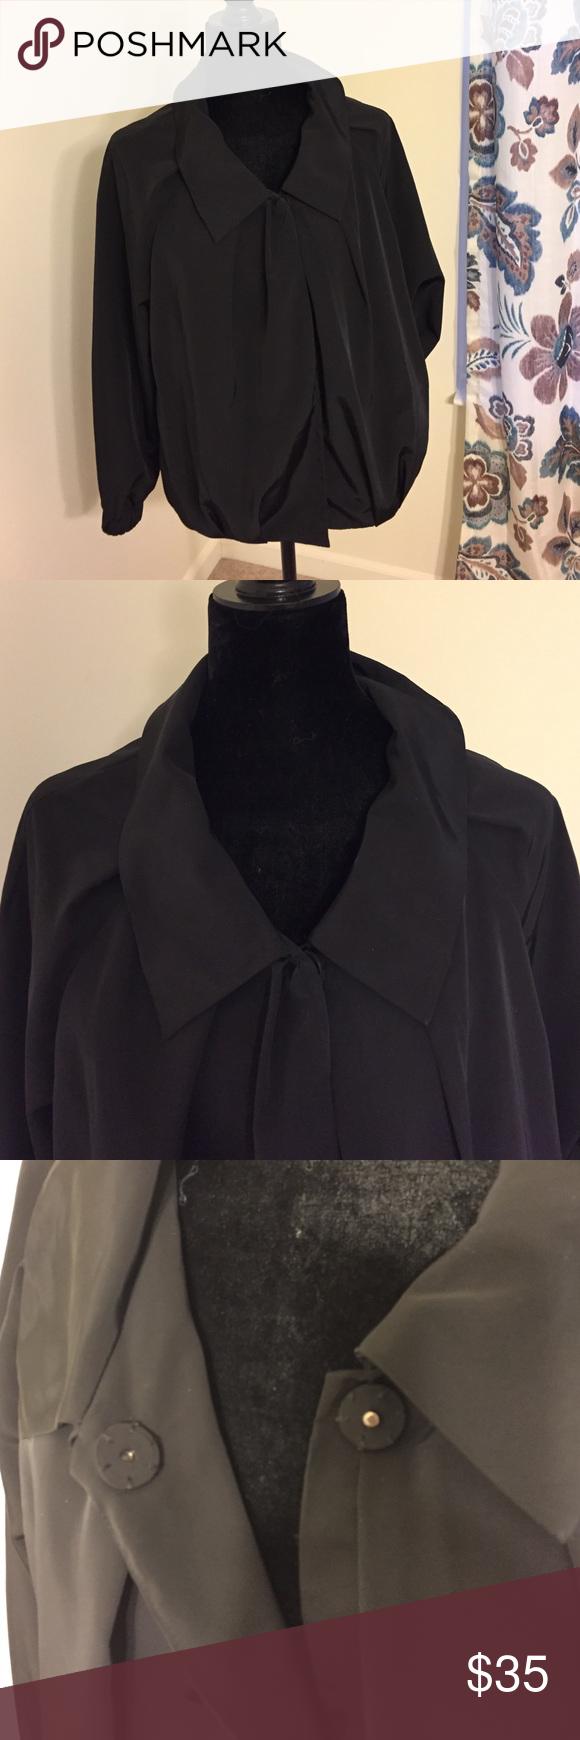 Vera Wang Black Jacket Black jacket by Simply Vera Wang. Button close, front pockets. Perfect condition! Simply Vera Vera Wang Jackets & Coats